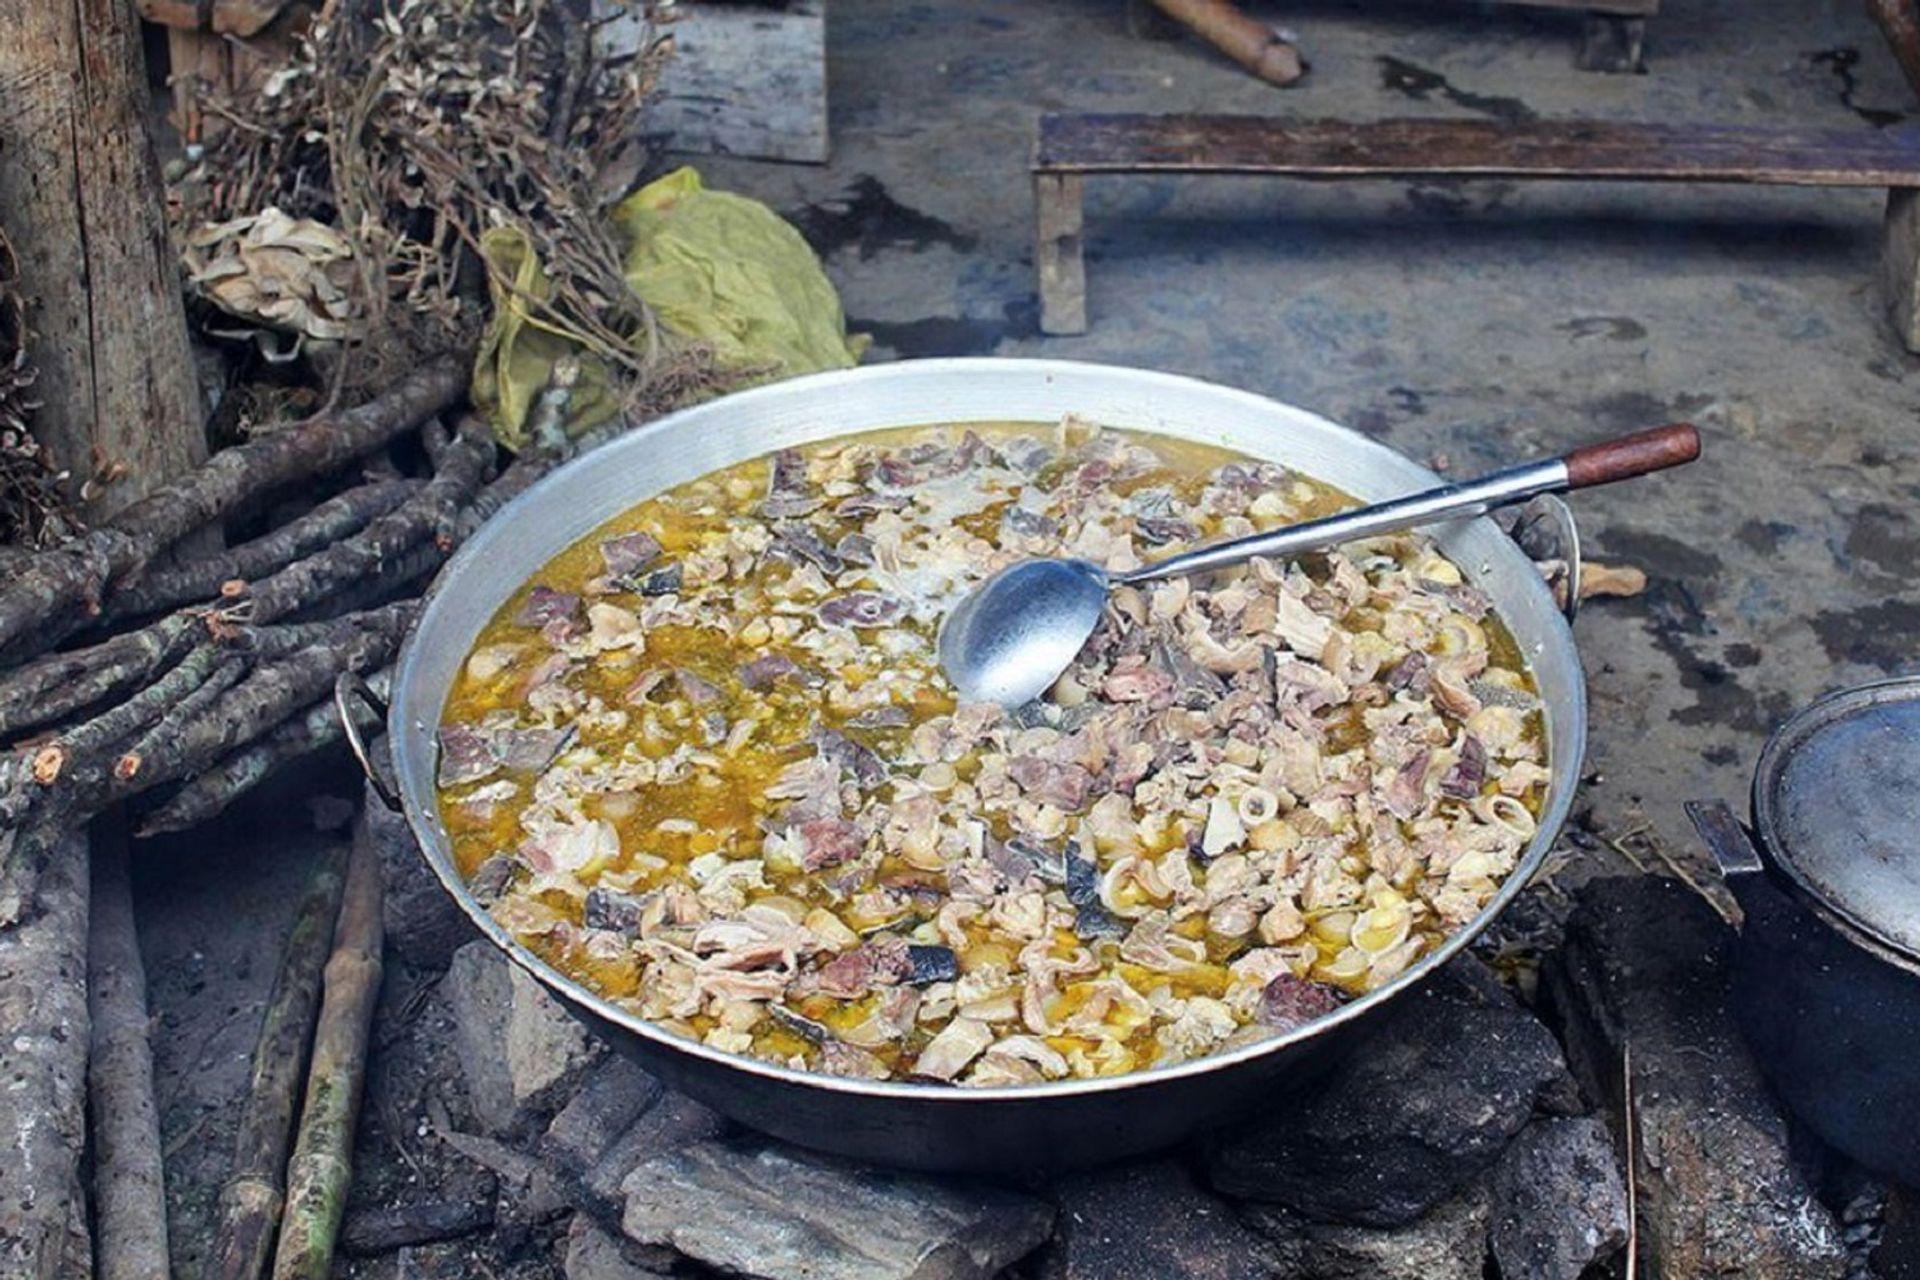 Thắng cố là món ăn đặc trưng của người H'mông